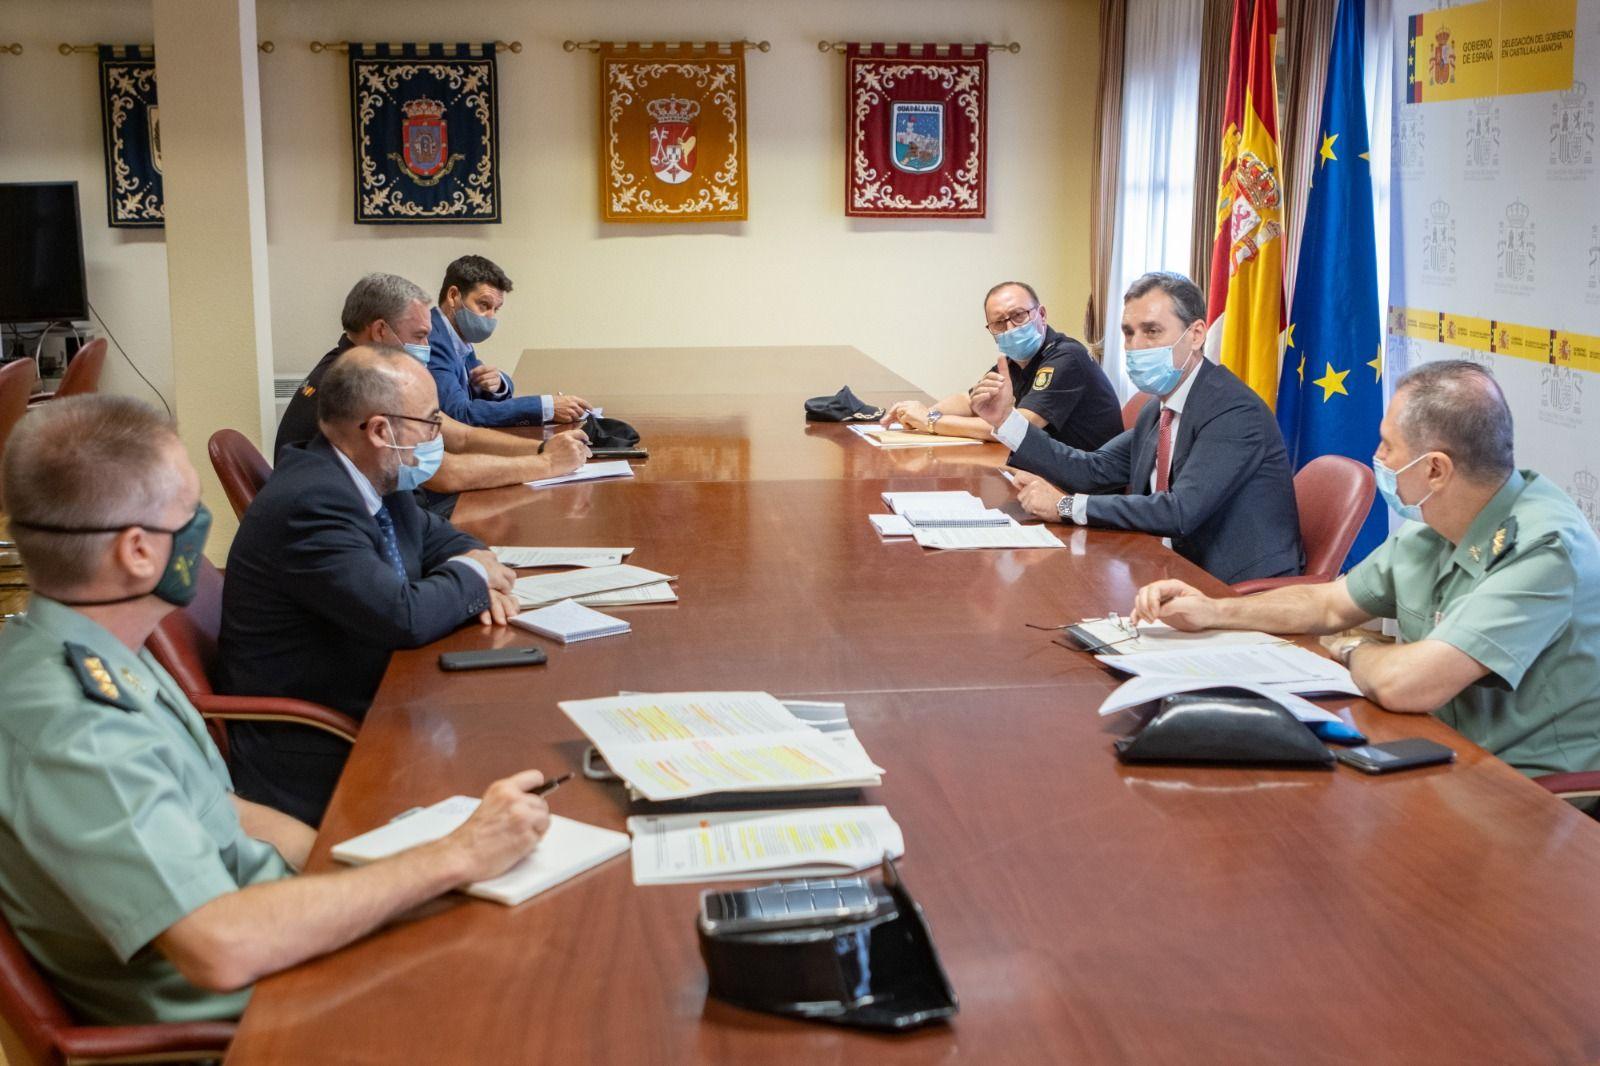 La Delegación del Gobierno de España en Castilla-La Mancha crea la Comisión Regional Contra la Ocupación Ilegal de Viviendas